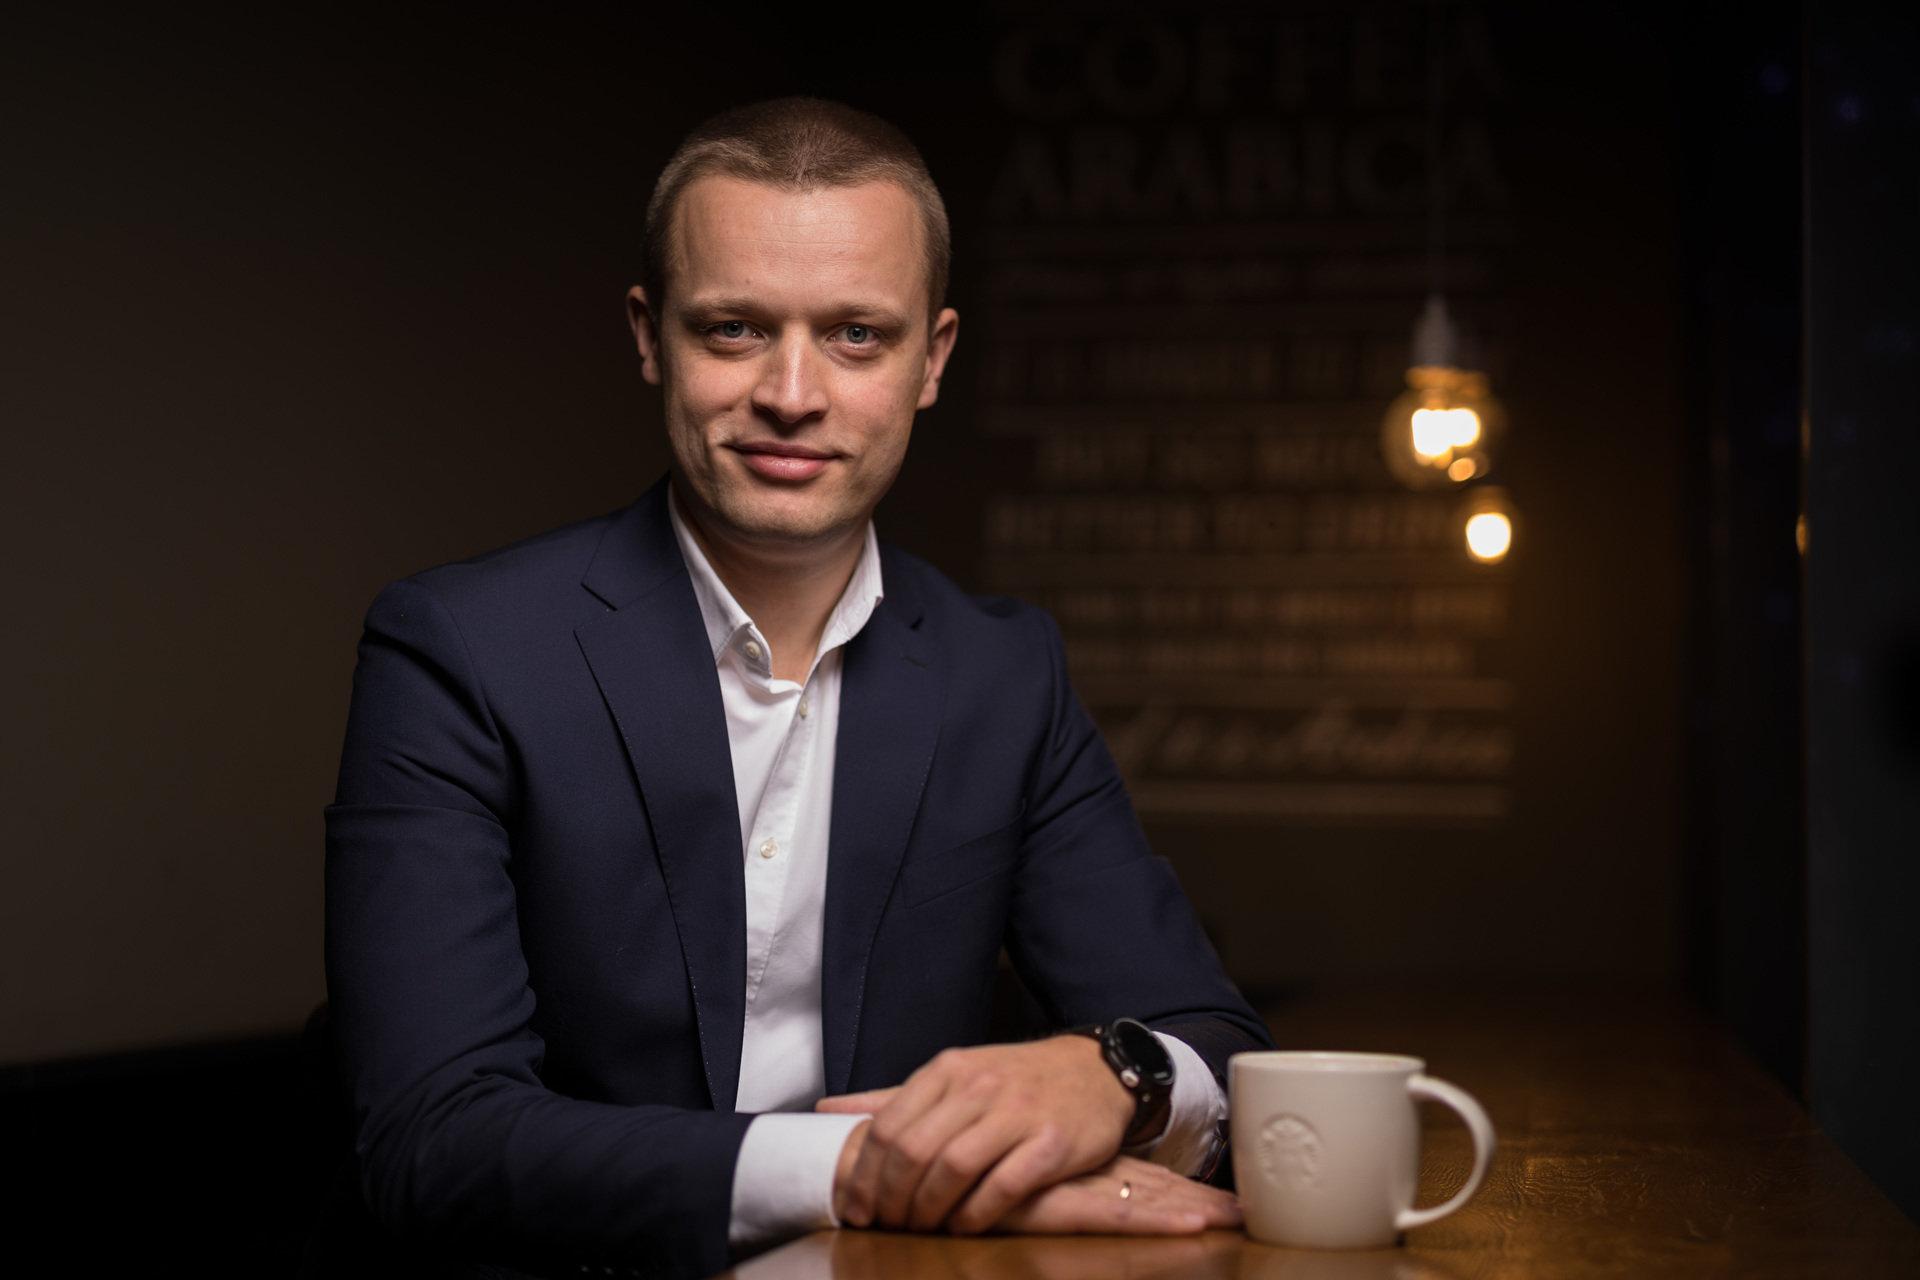 300 kawiarni Starbucks w portfolio AmRest - wywiad